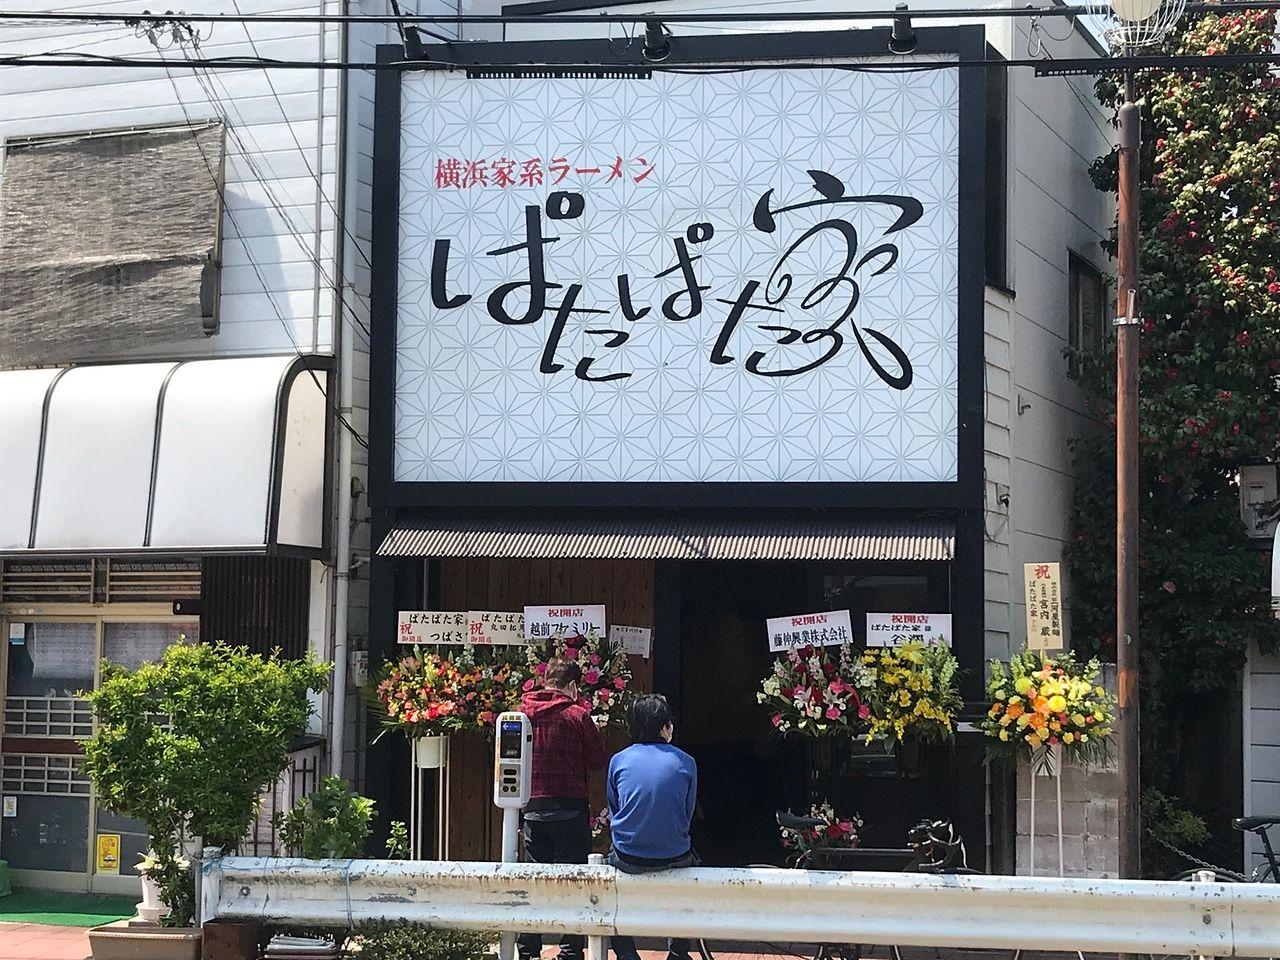 立川市羽衣町にある横浜家系ラーメンぱたぱた家